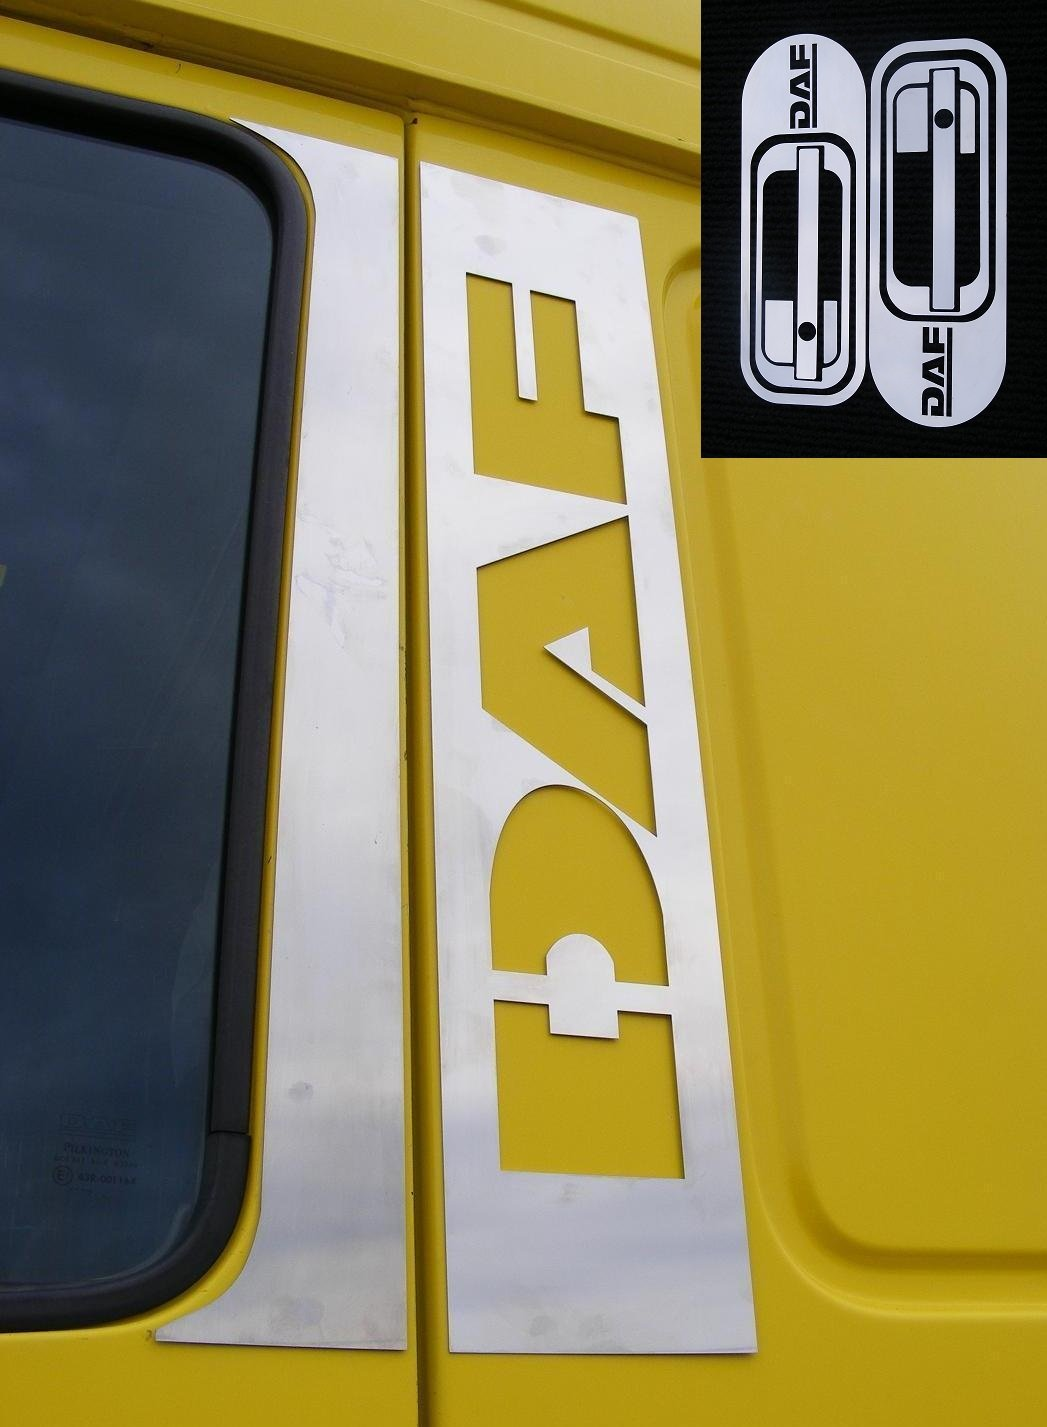 Lot de 6/en acier inoxydable poli Chrome D/écorations de fen/être Poign/ée de porte Coque Accessoires pour Xf95/Xf105/camions